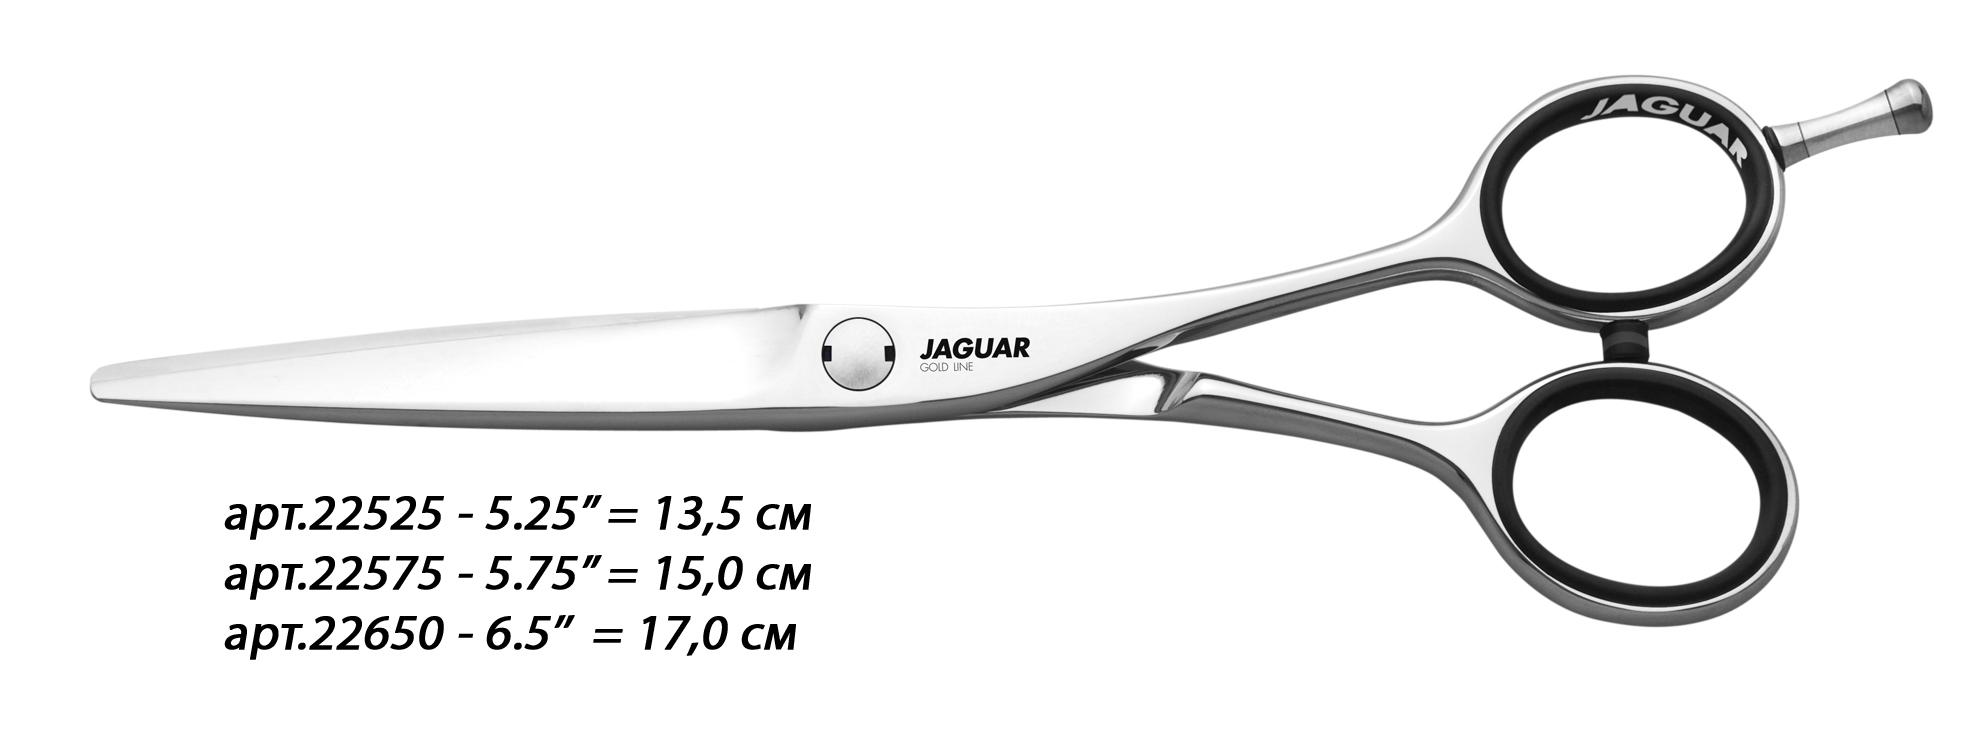 купить JAGUAR Ножницы Jaguar Dynasty 5,25'(13,5cm)GL недорого